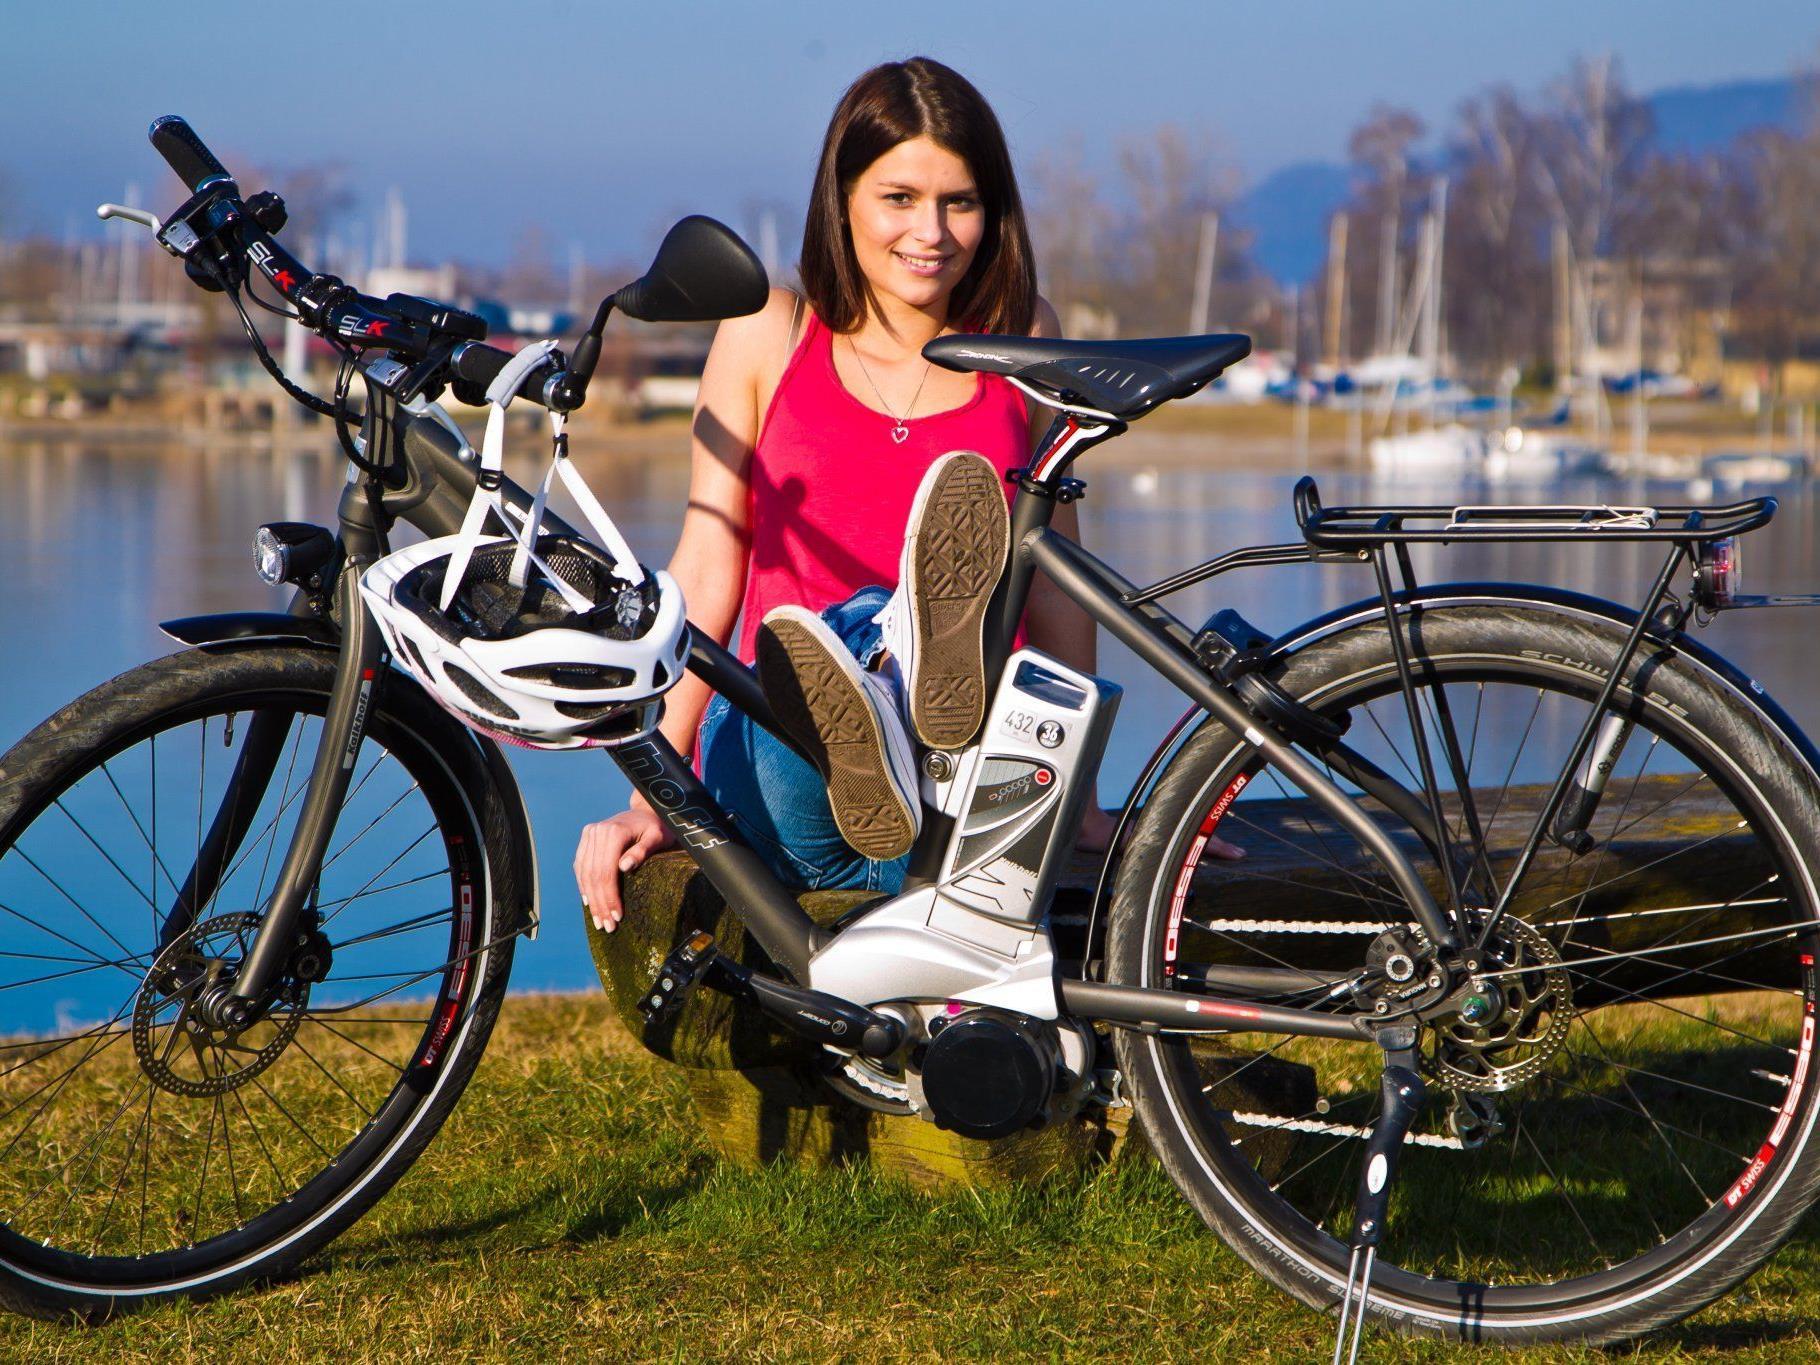 Land setzt auf gezielte Investitionen für das Fahrrad im Berufs-, Alltags- und Freizeitverkehr.